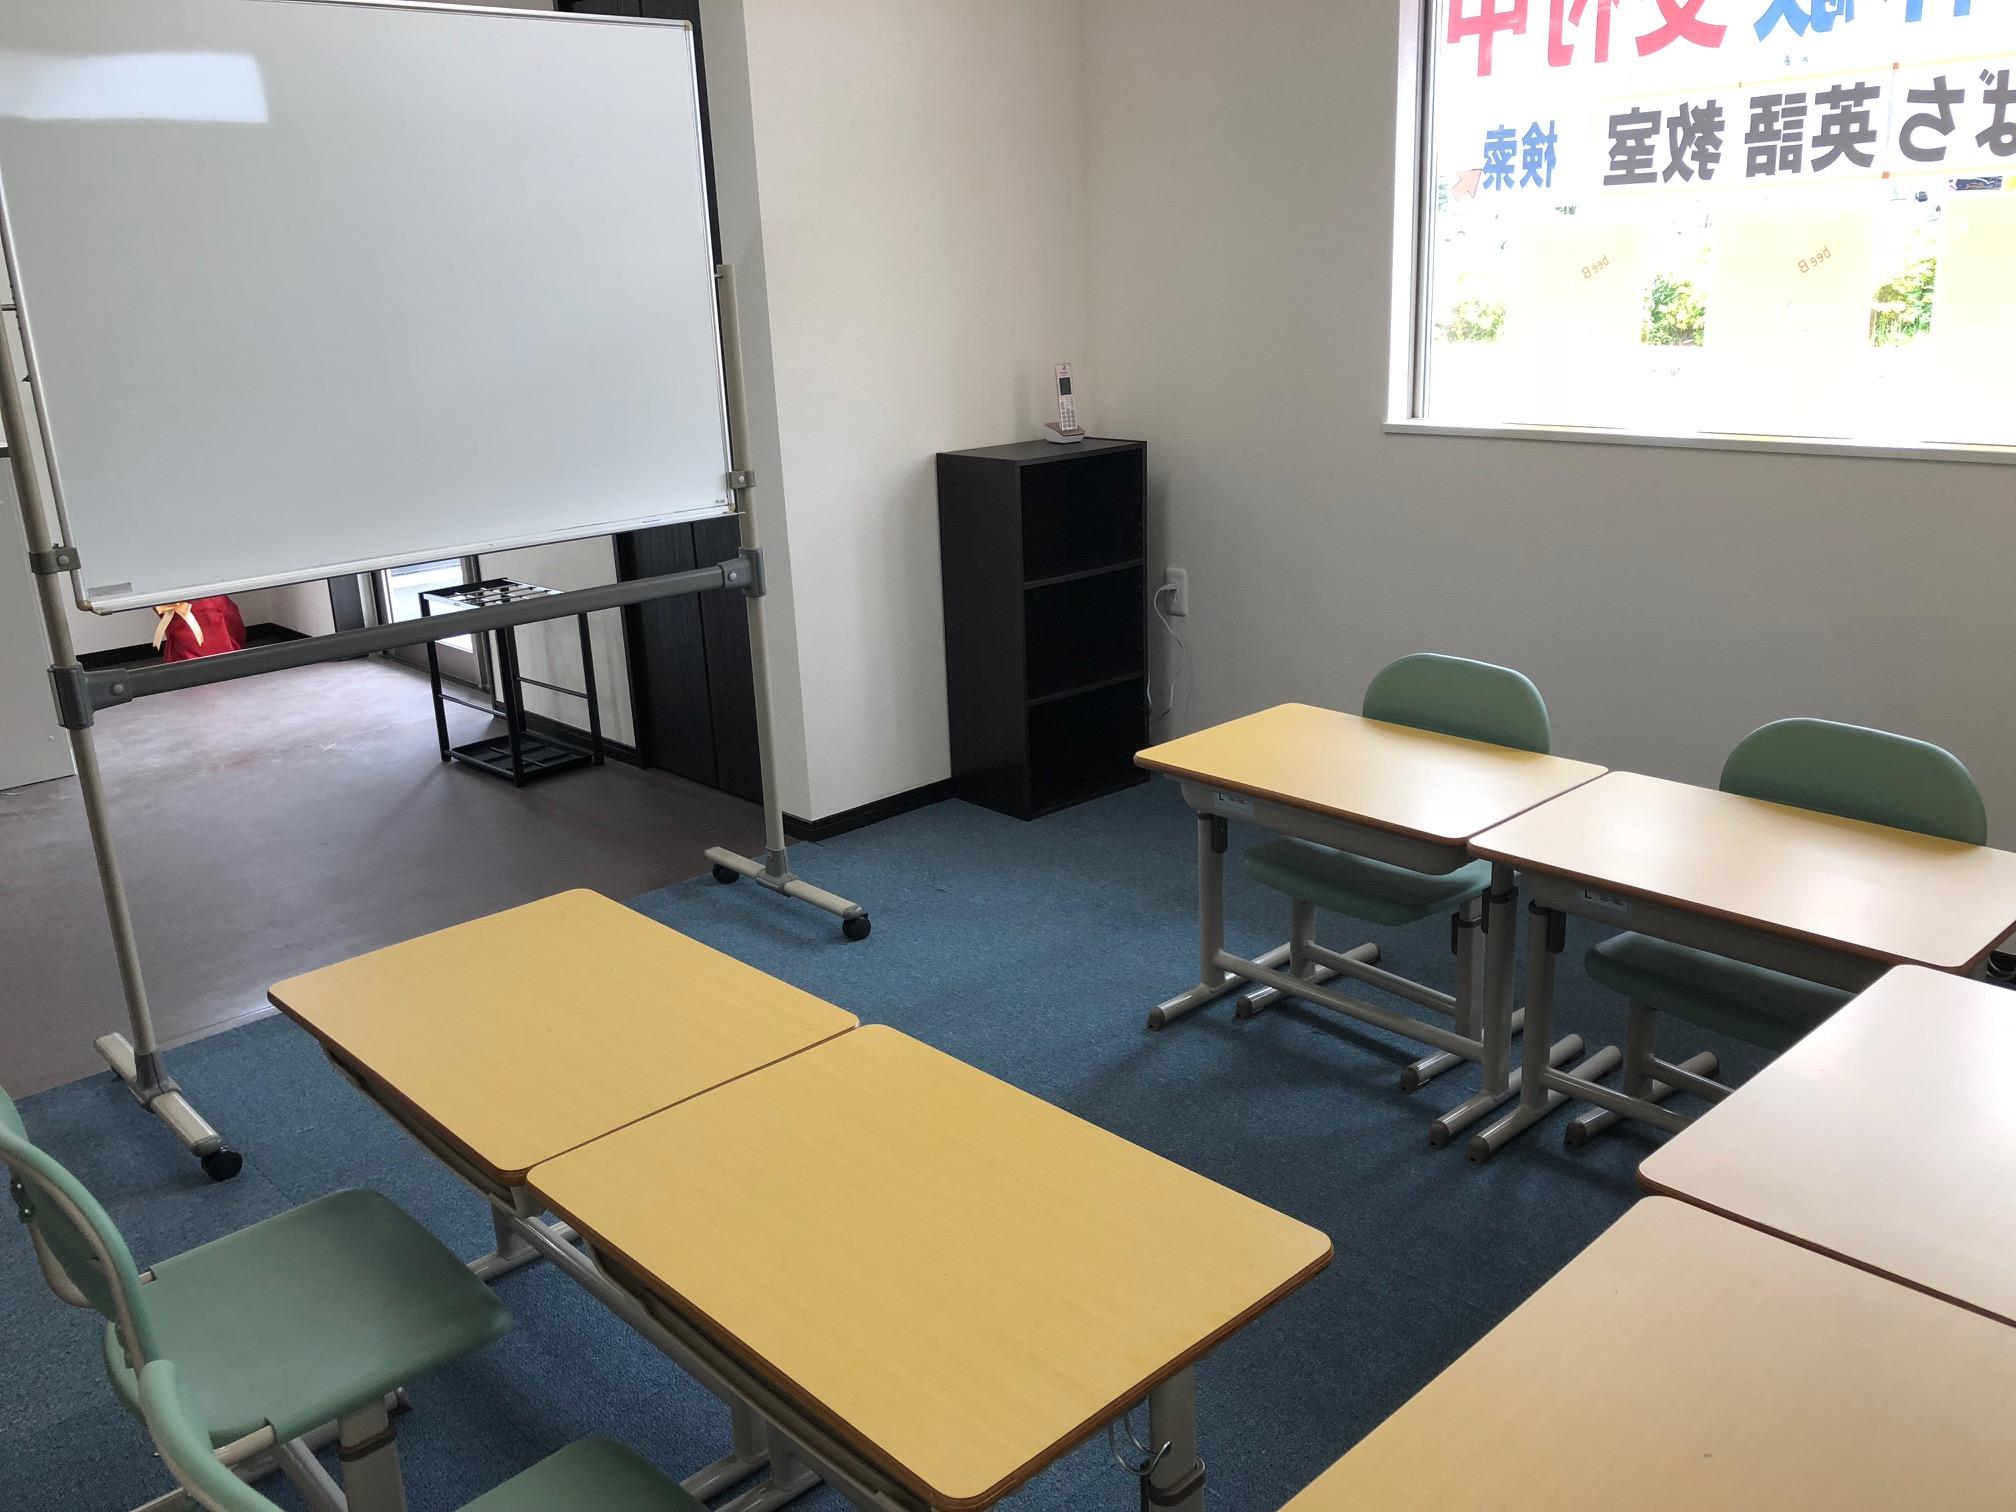 教室準備バッチリです!みんな来てね!